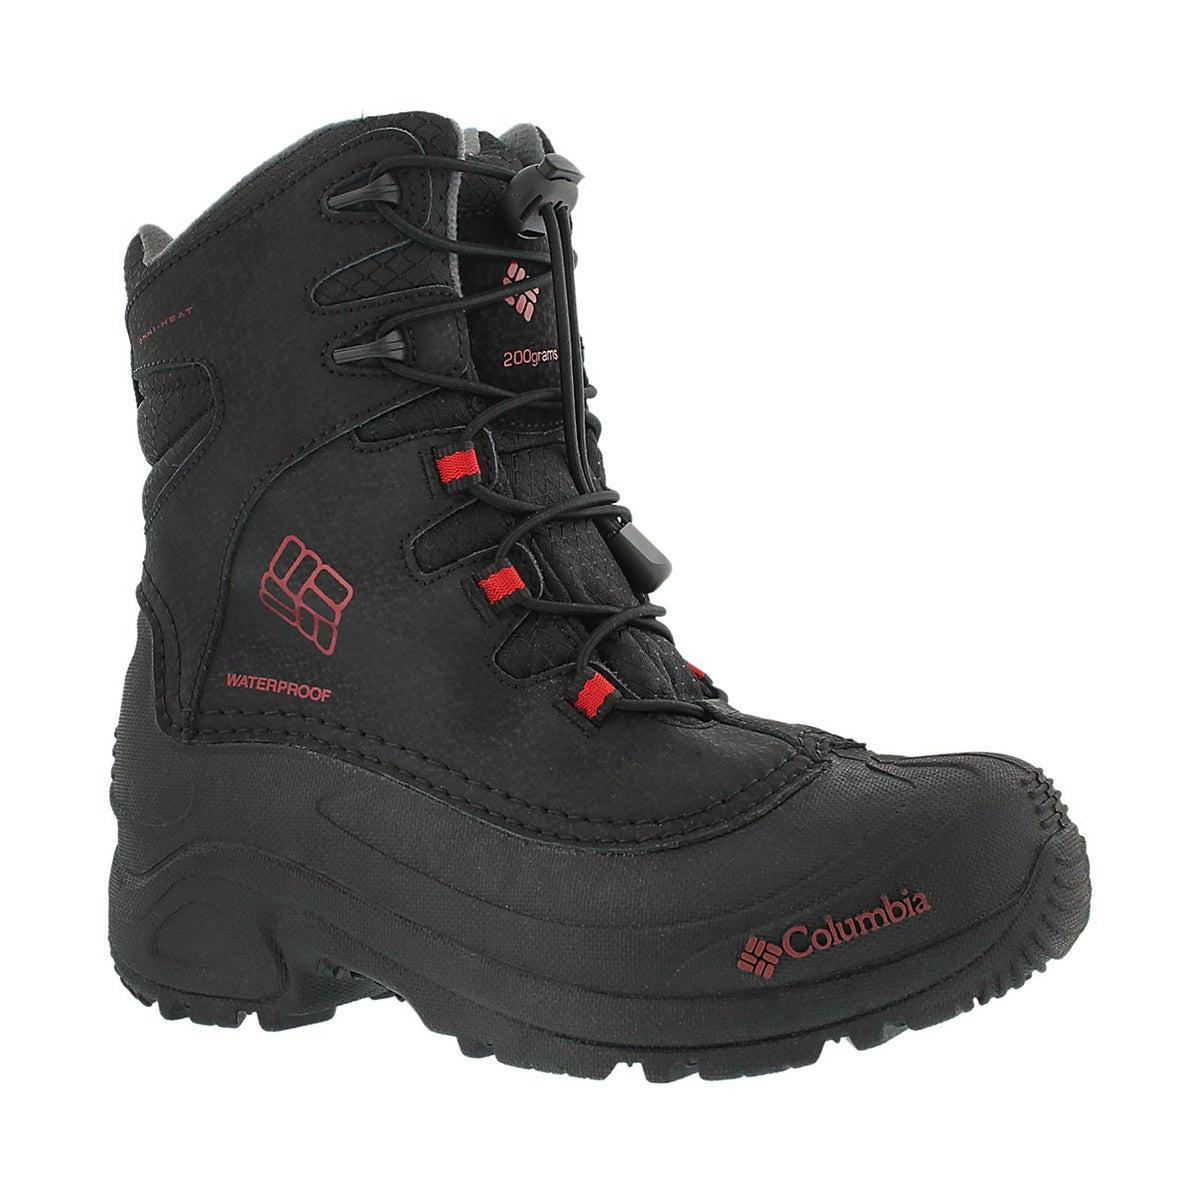 Xxx Snow Boots 68